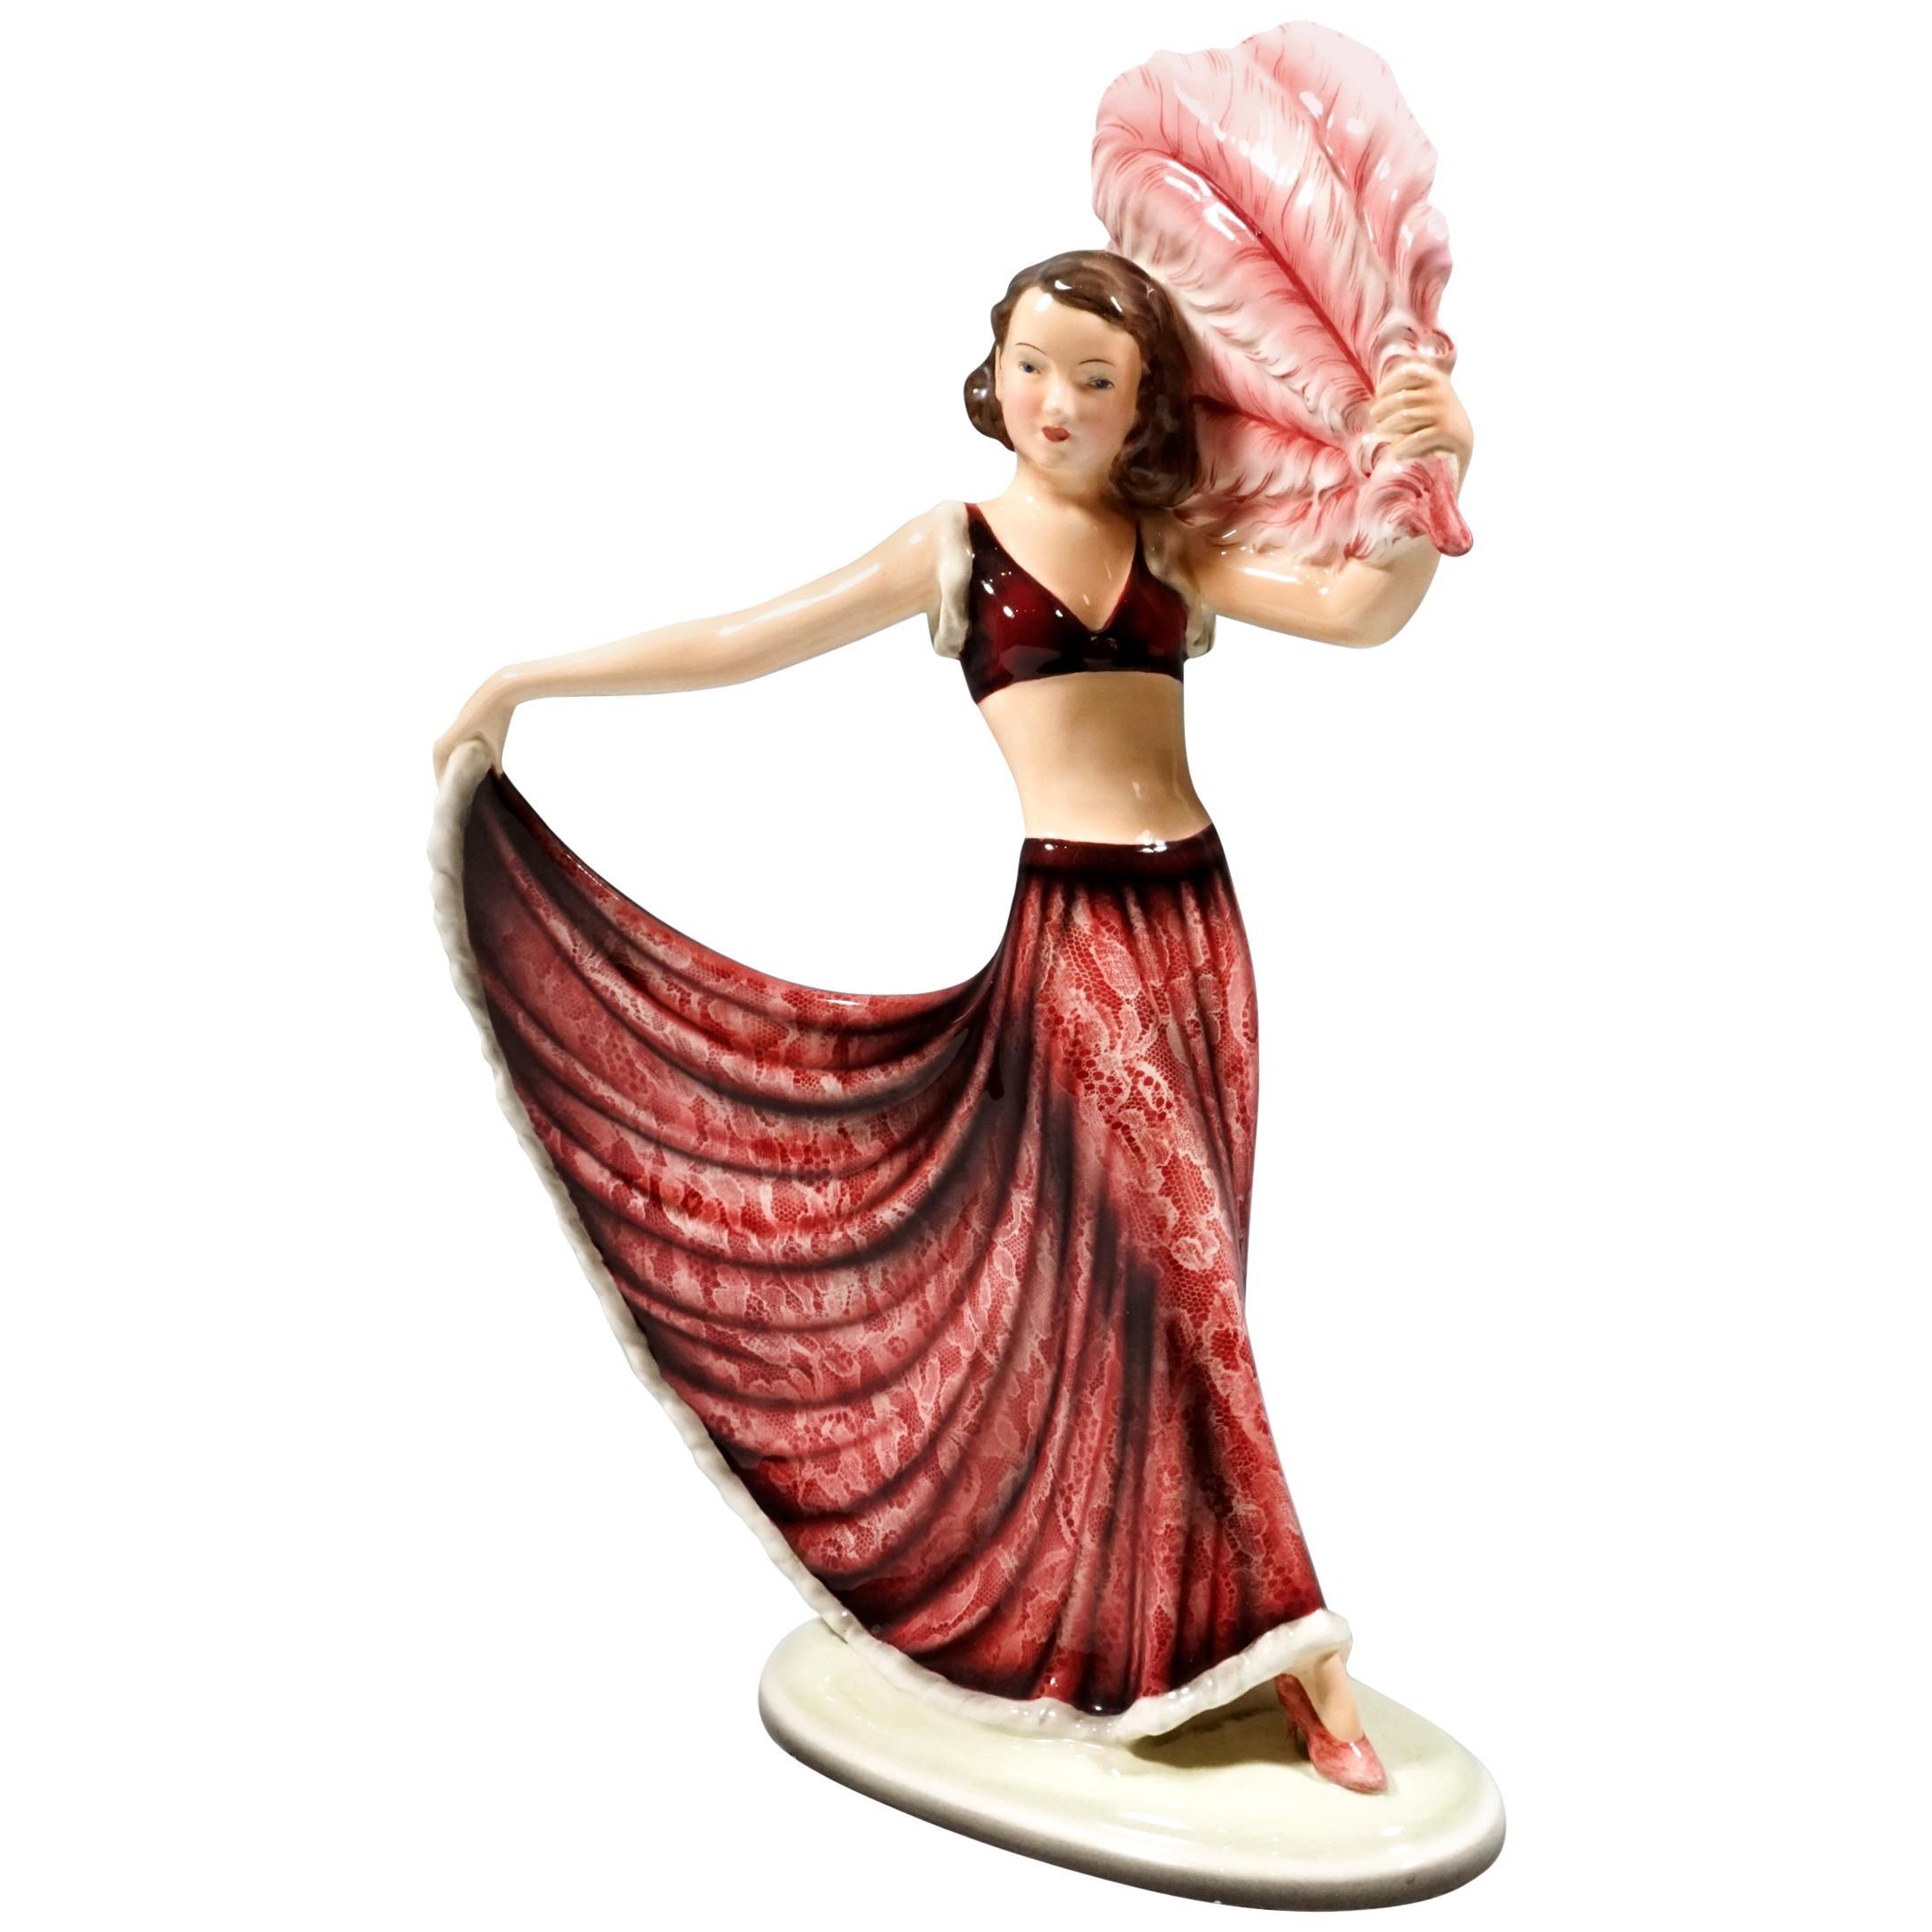 Goldscheider Vienna Art Deco Figurine 'Fan Dance' by Josef Lorenzl, circa 1938